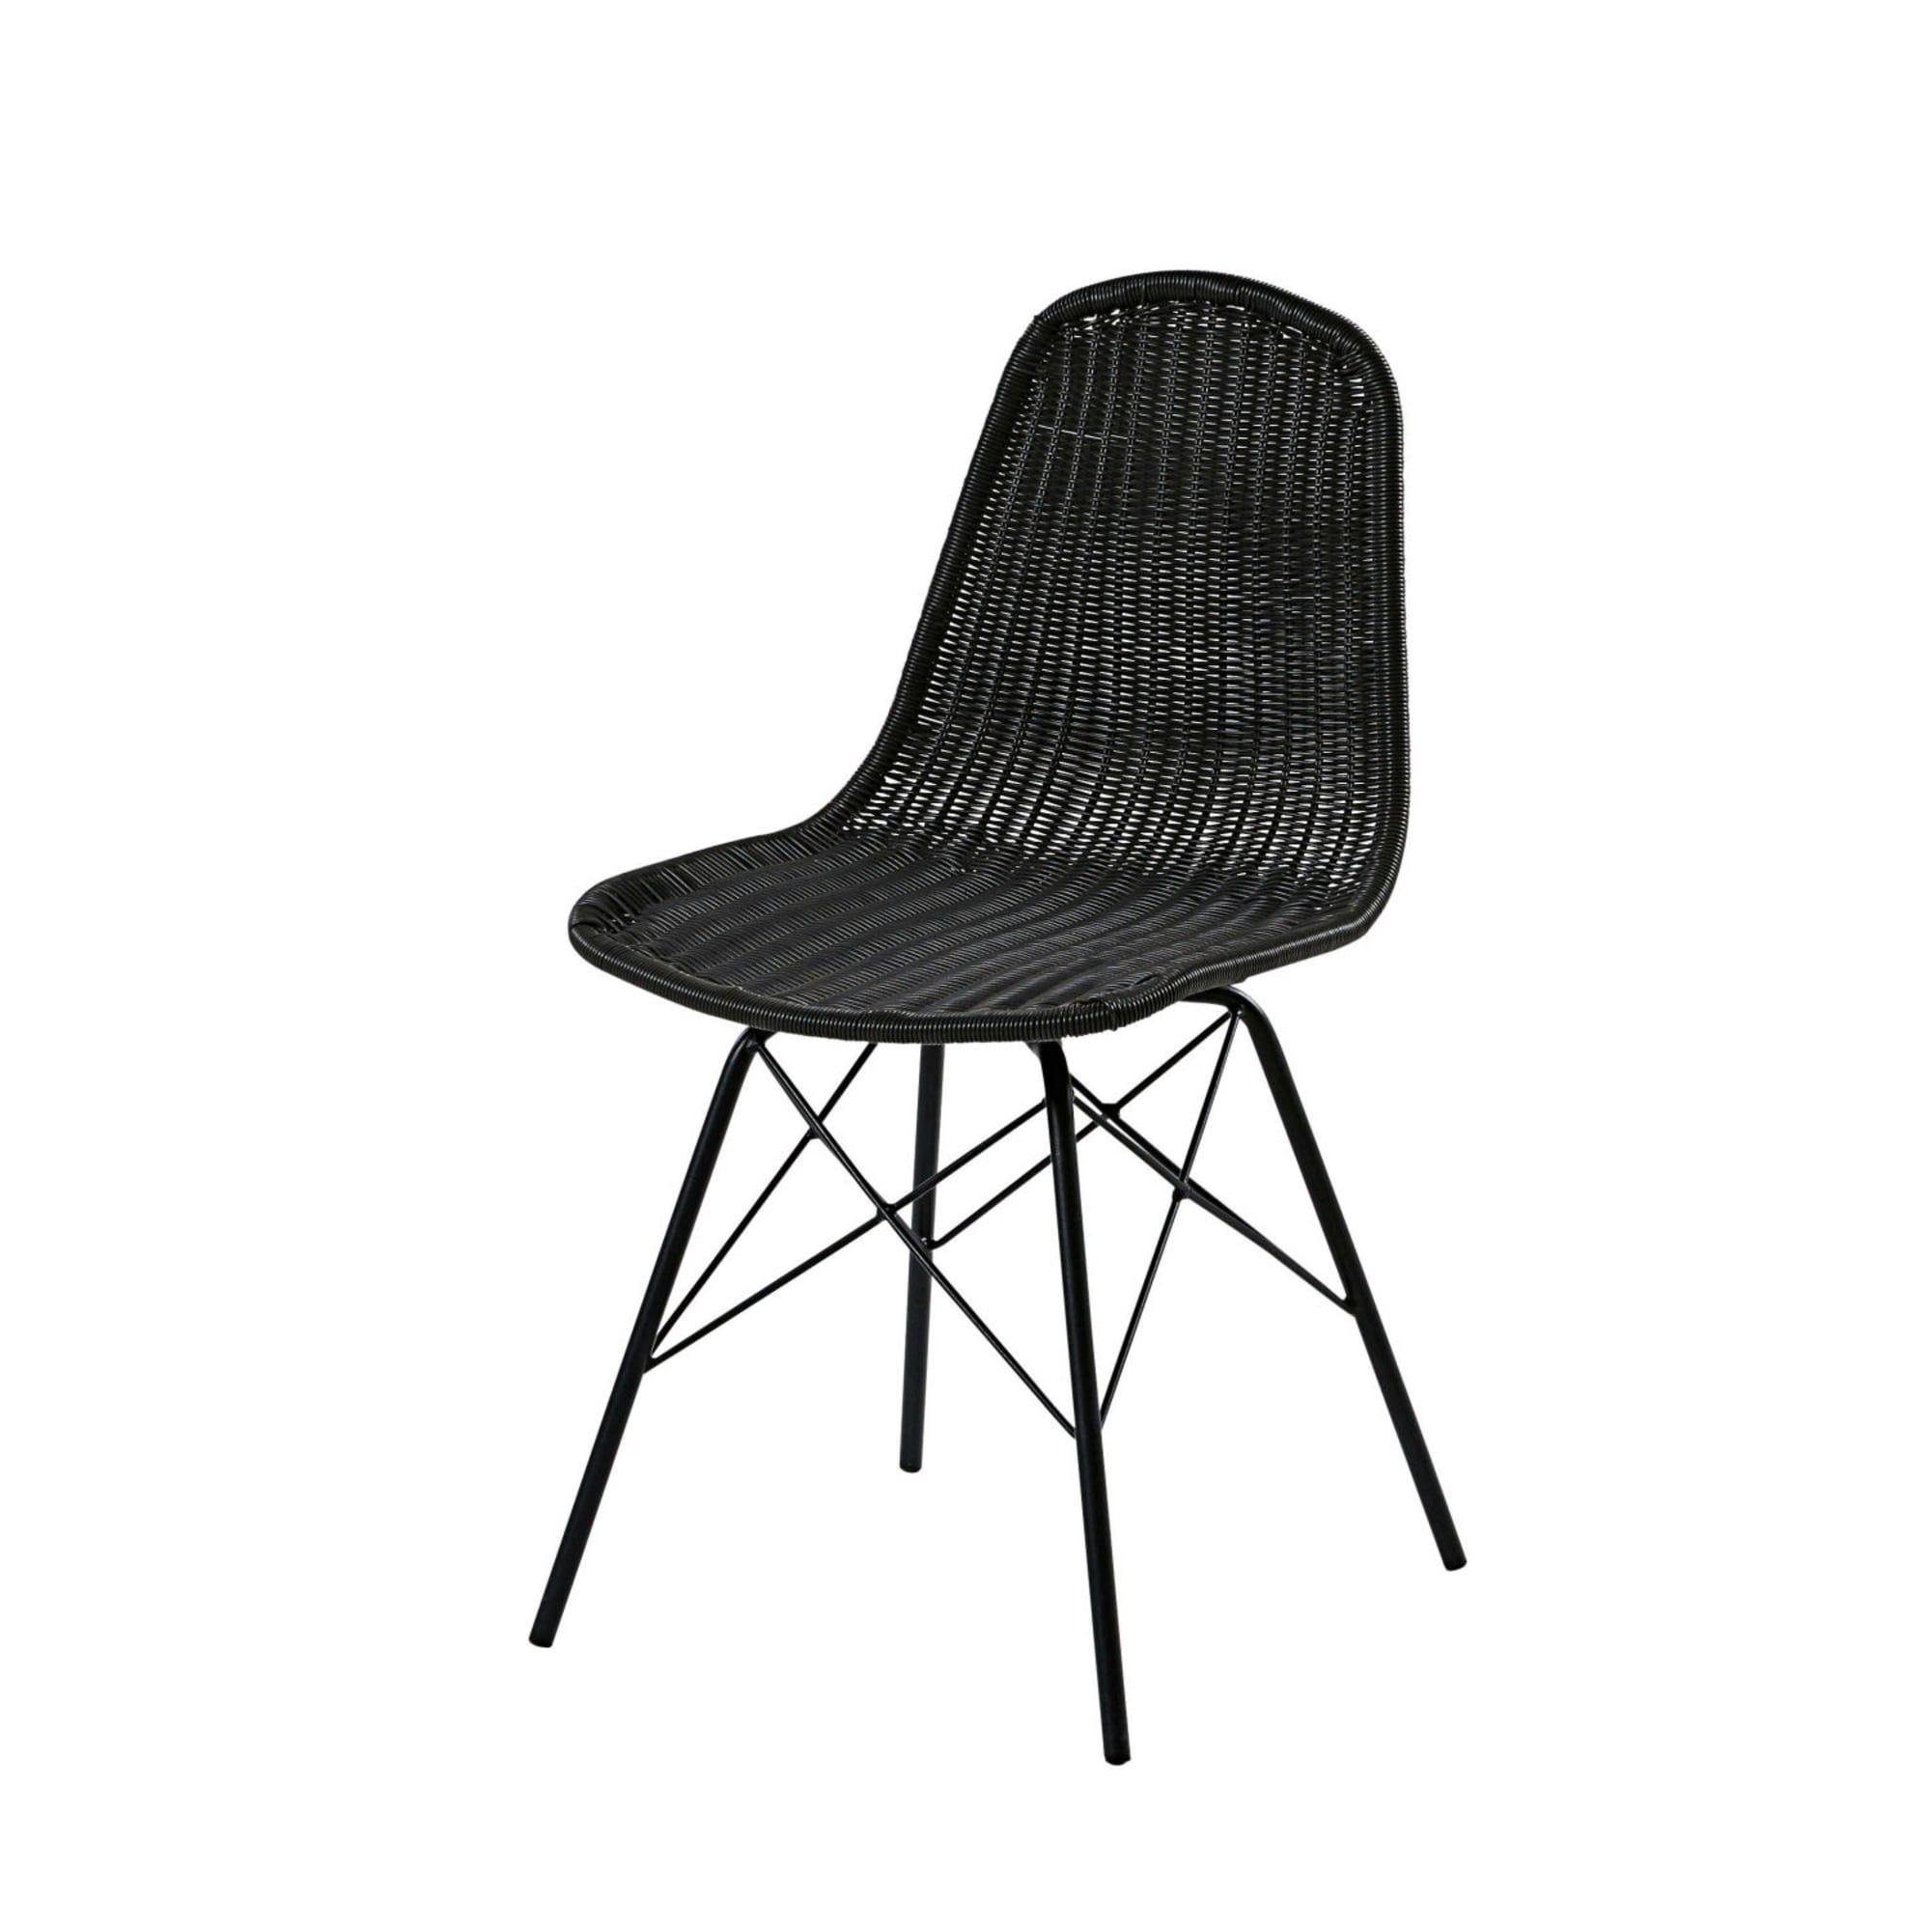 Gartenstuhl Aus Stahl Und Geflochtenem Kunstharz In Schwarz Beckett Garden Chairs Resin Wicker Outdoor Chairs